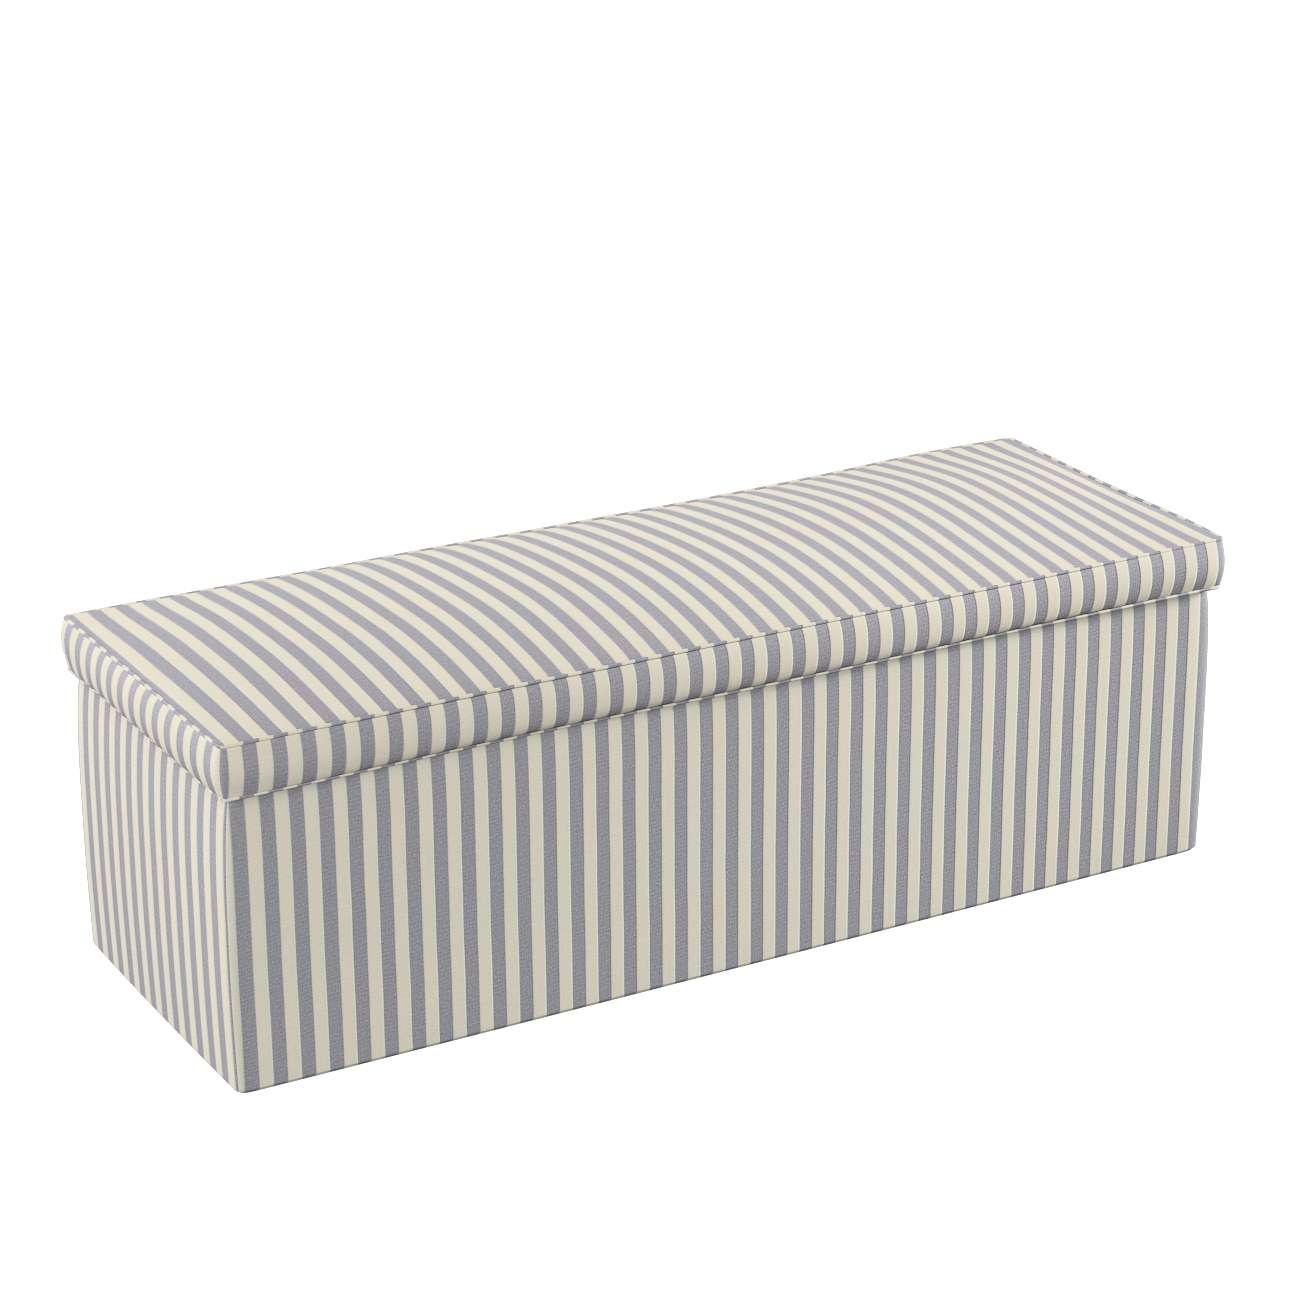 Čalouněná skříň s volbou látky - 2 velikosti v kolekci Quadro, látka: 136-02